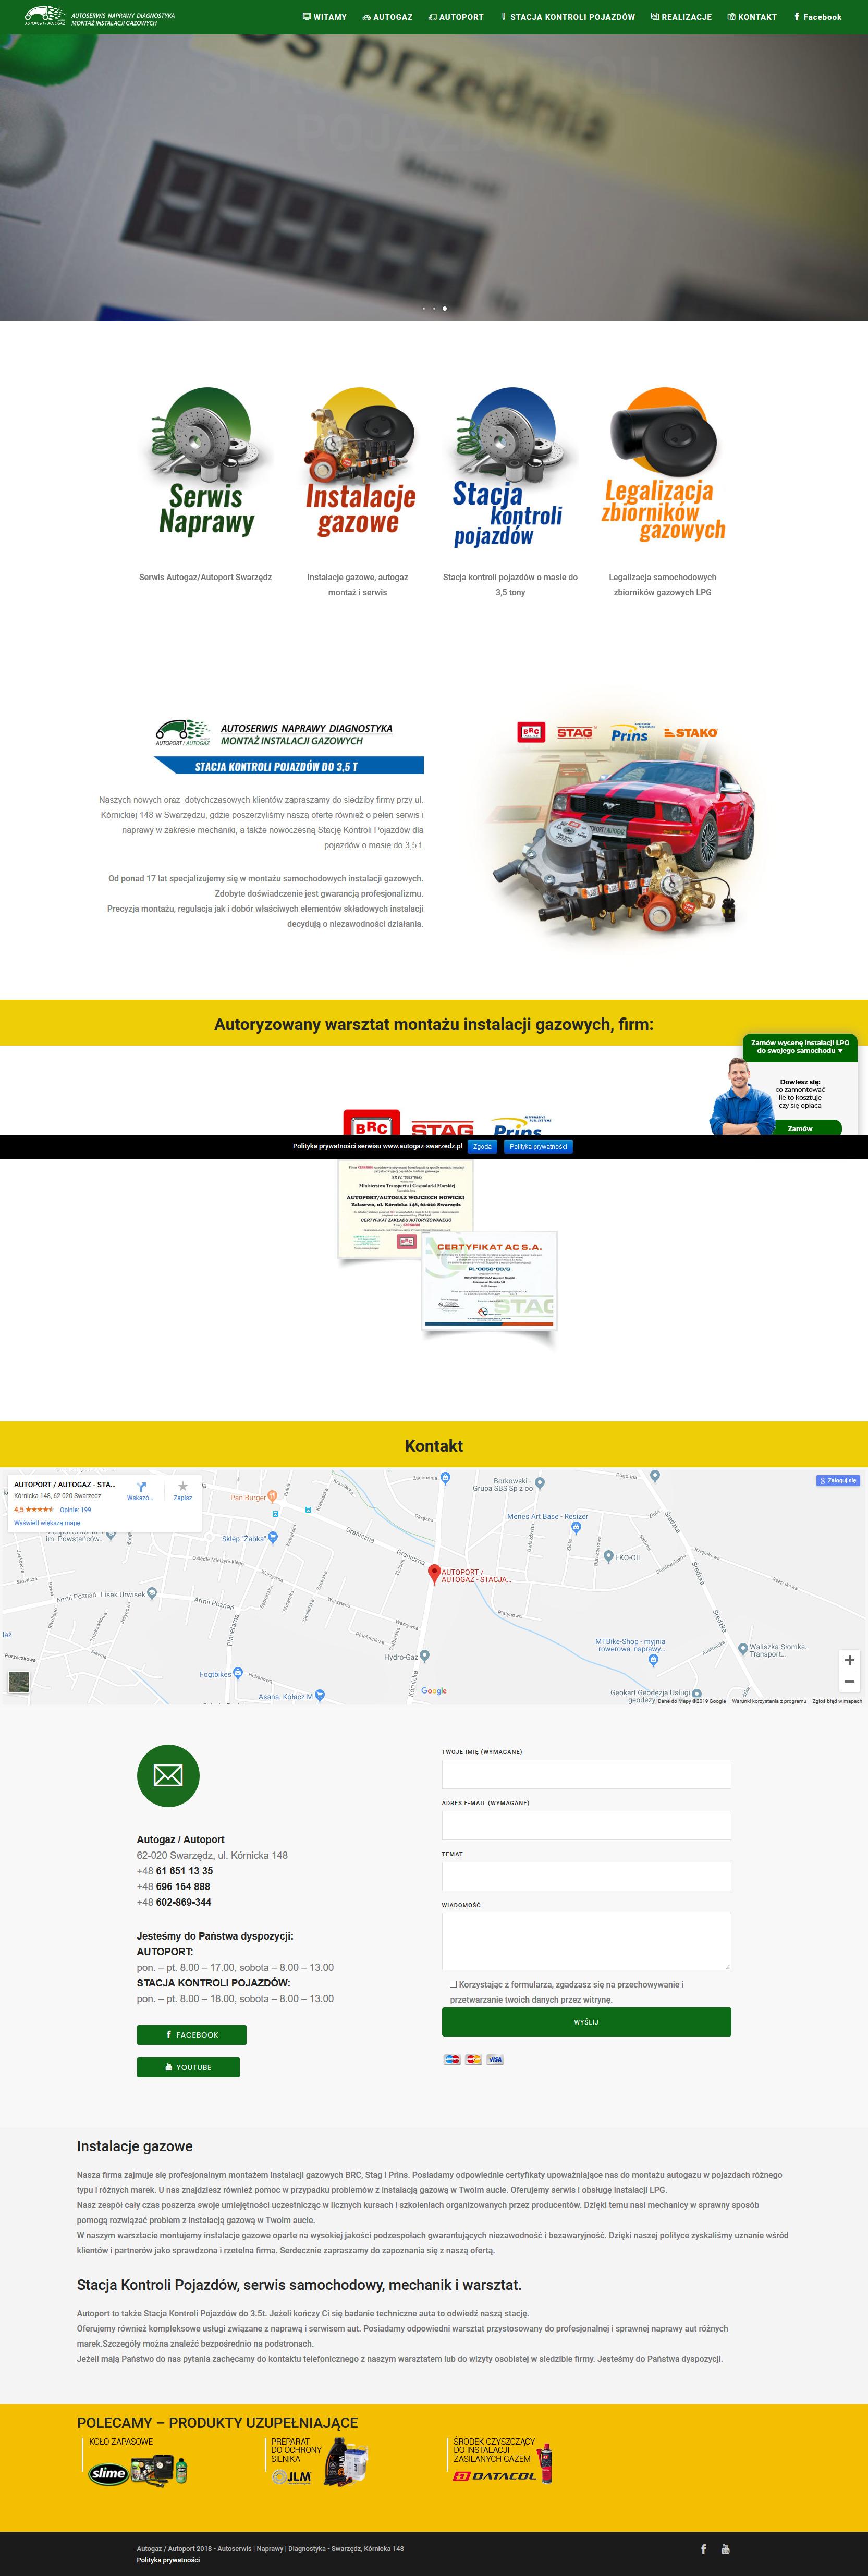 Autogaz Poznań - instalacje gazowe, montaż i serwis, legalizacja zbiorników LPG, mechanik Swarzędz